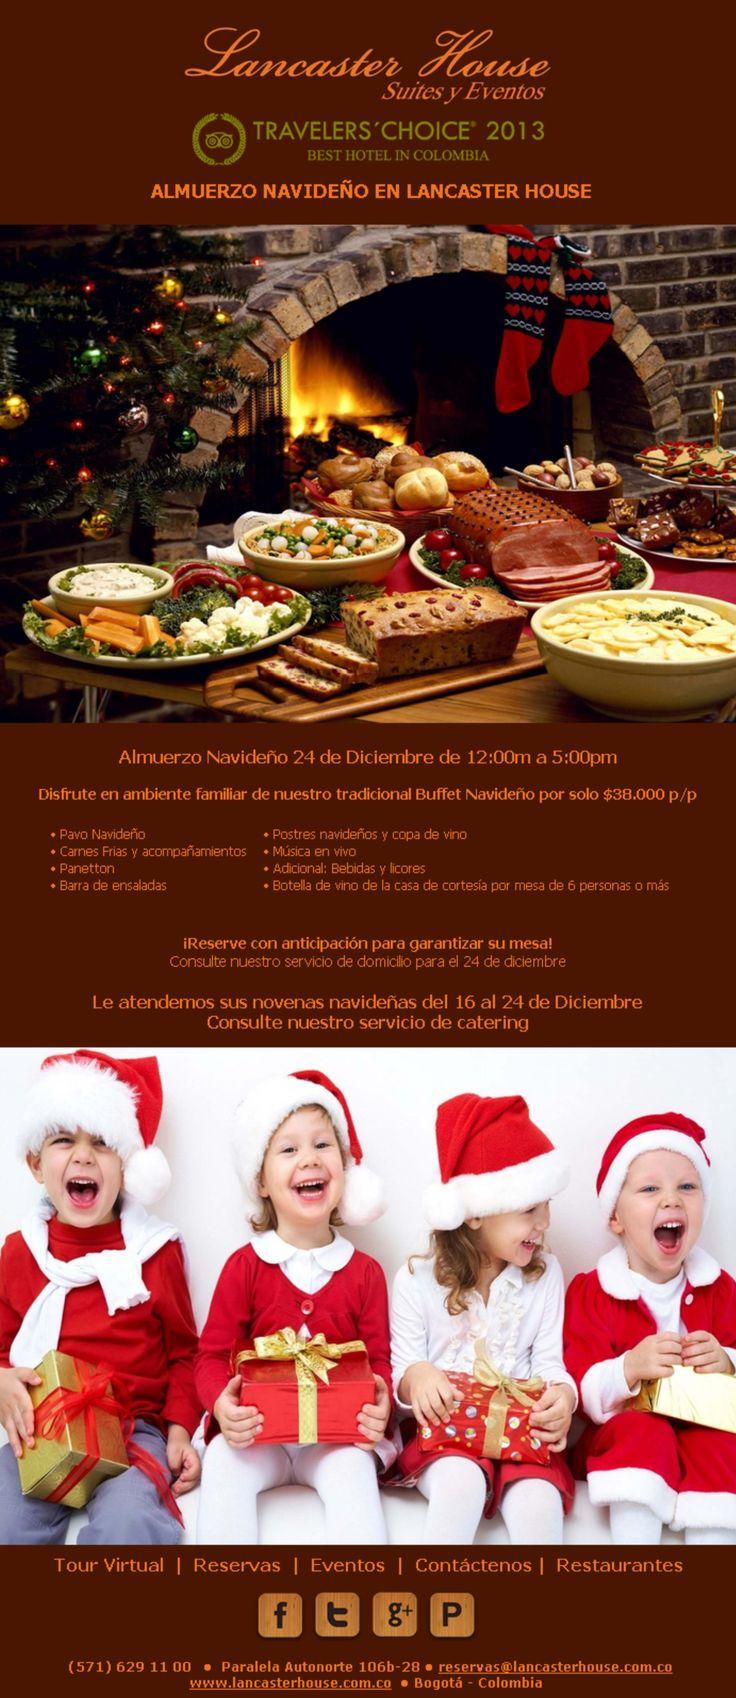 Almuerzo Navideno en Lancaster House Suites. #hotel, #bogota,#special offers # ofertas especiales, #navidad #christmas #xmass